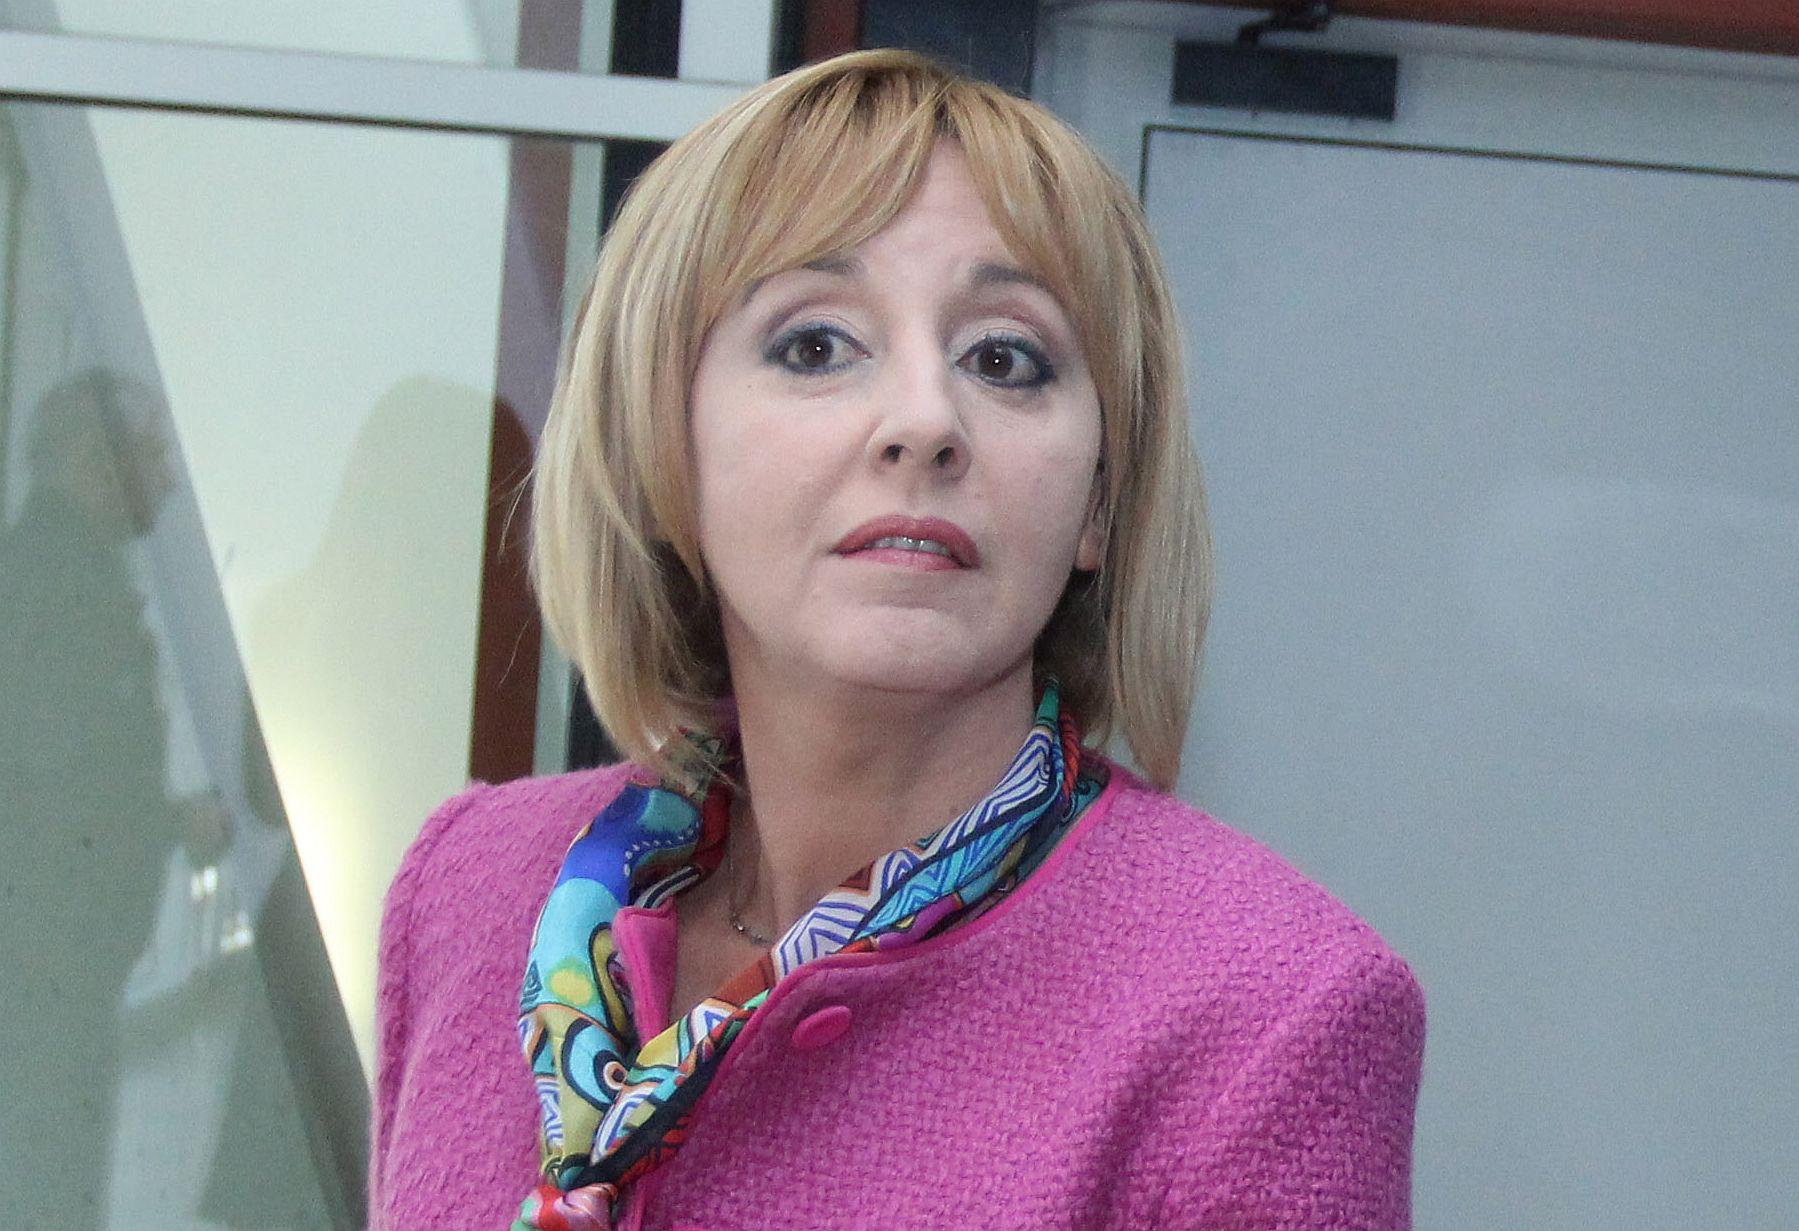 Мая Манолова е кандидат за кмет на София, независима е, подкрепена от БСП. В Инициативния комитет влизат фолк певицата Анелия и рапърът Криско, начело е Никола Вапцаров.